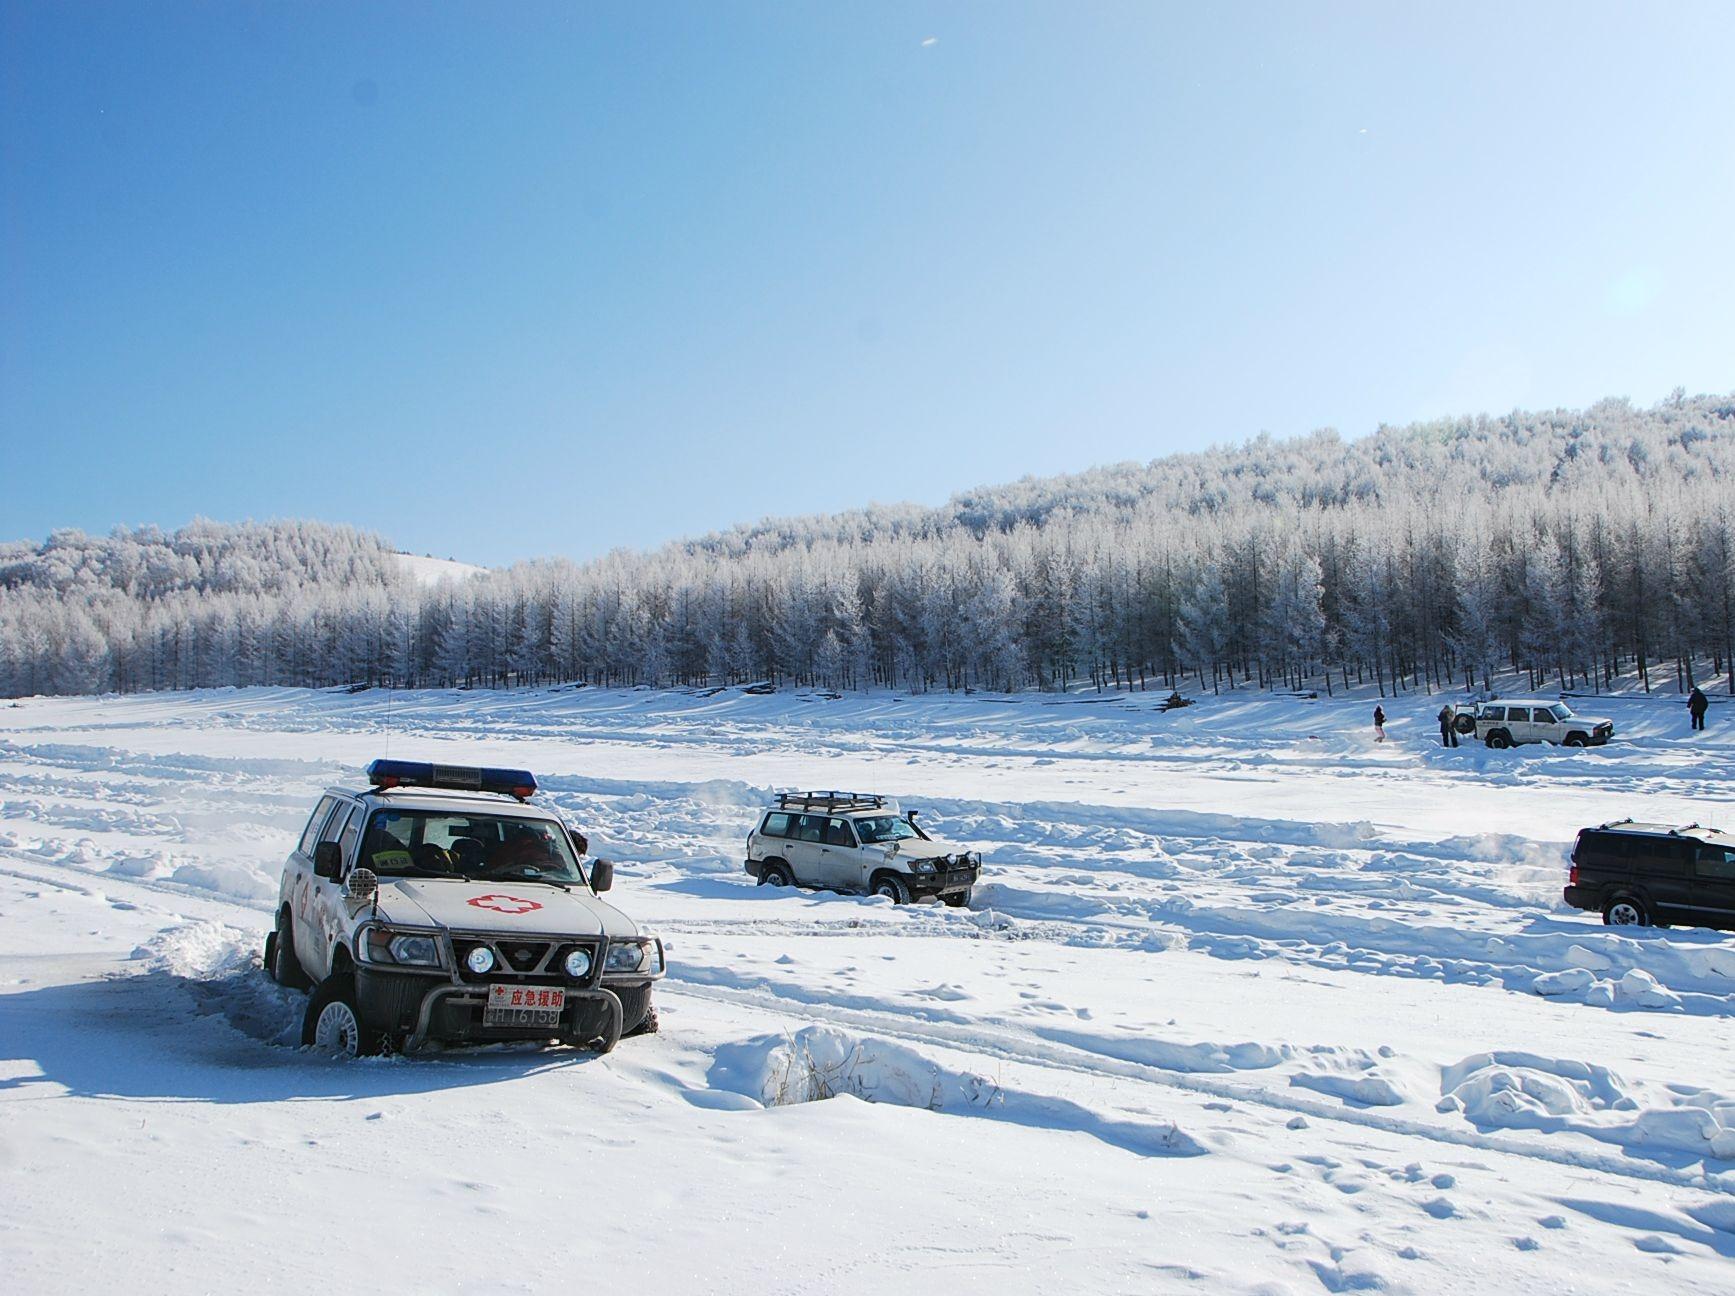 乌兰布统丨百人雪地跨年  越野车深入雪原